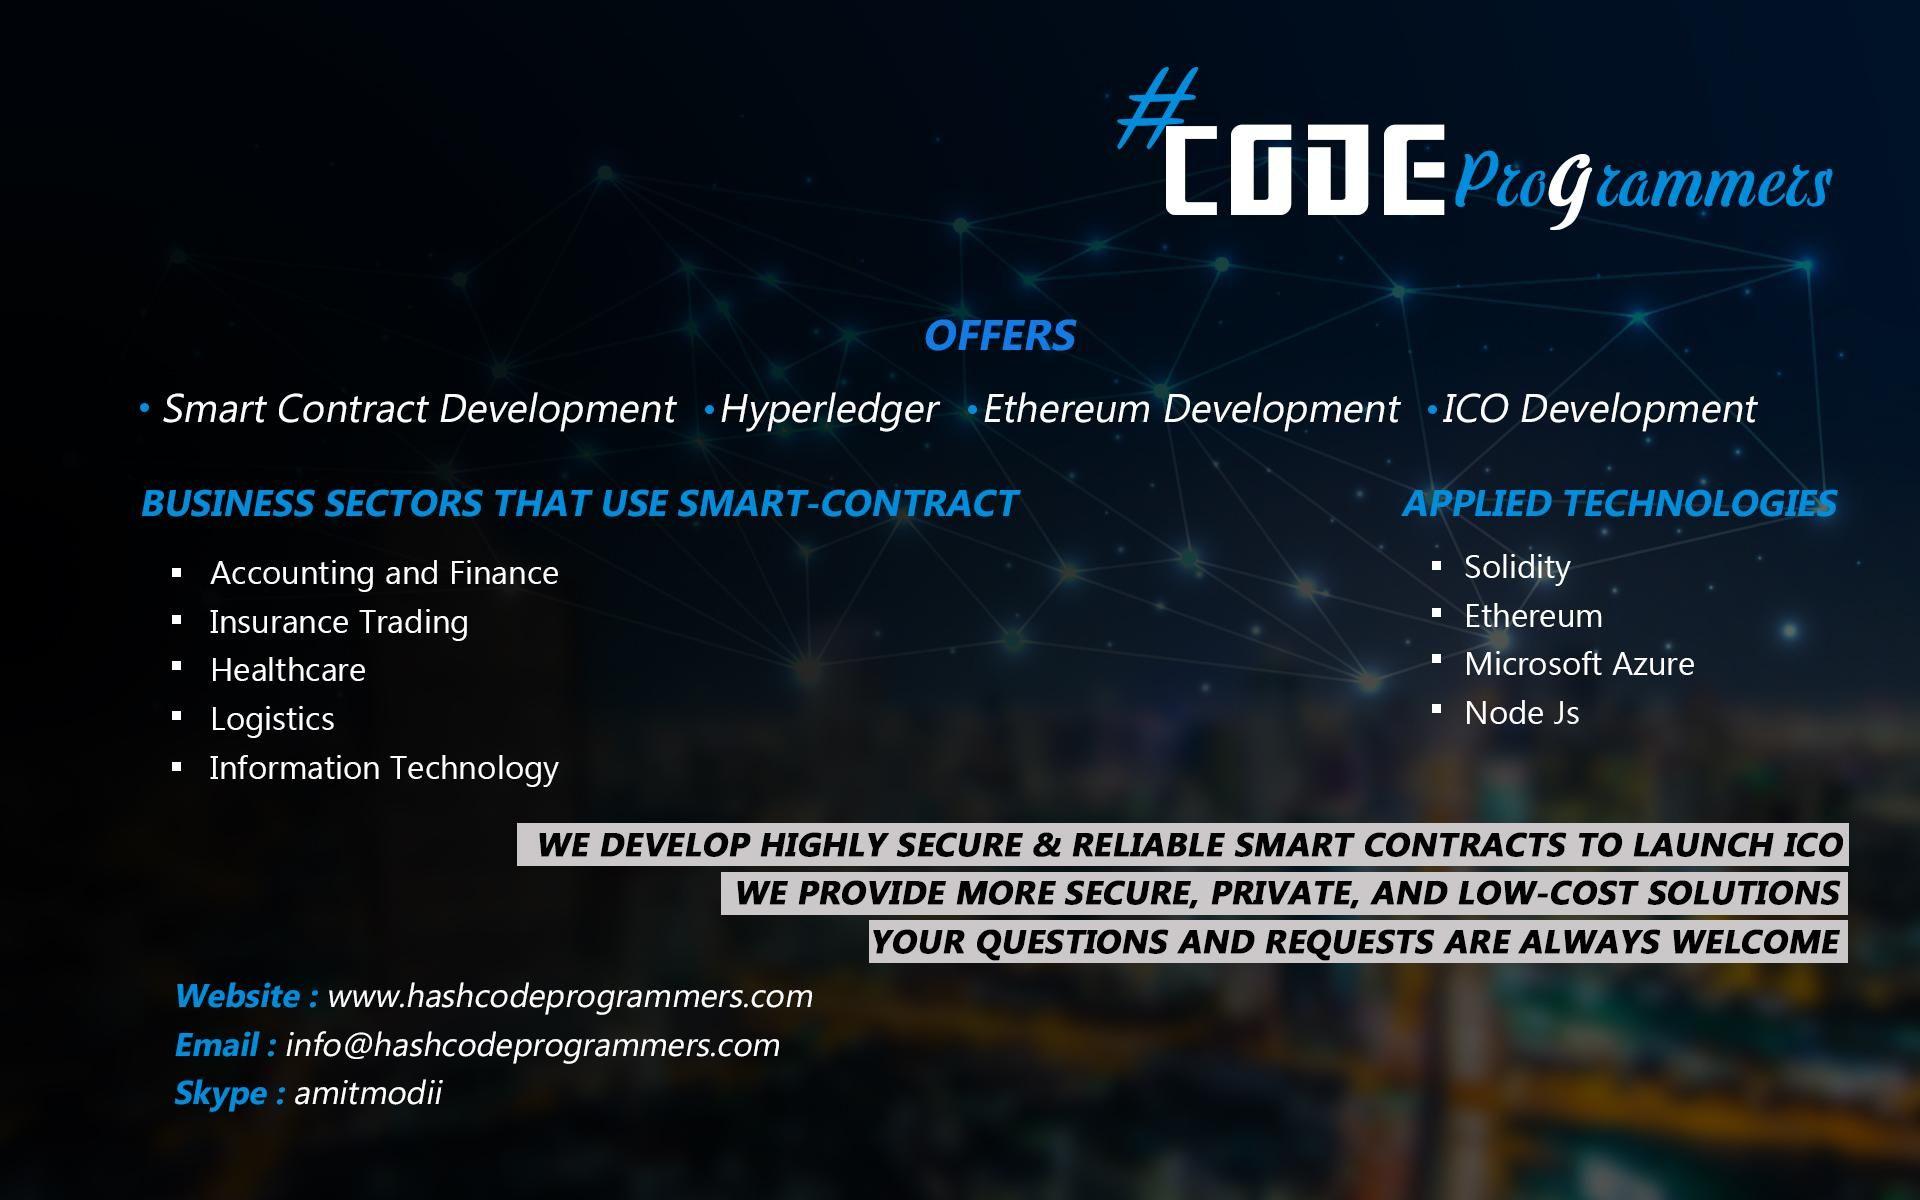 Hash code programmers offers smart_contract_development